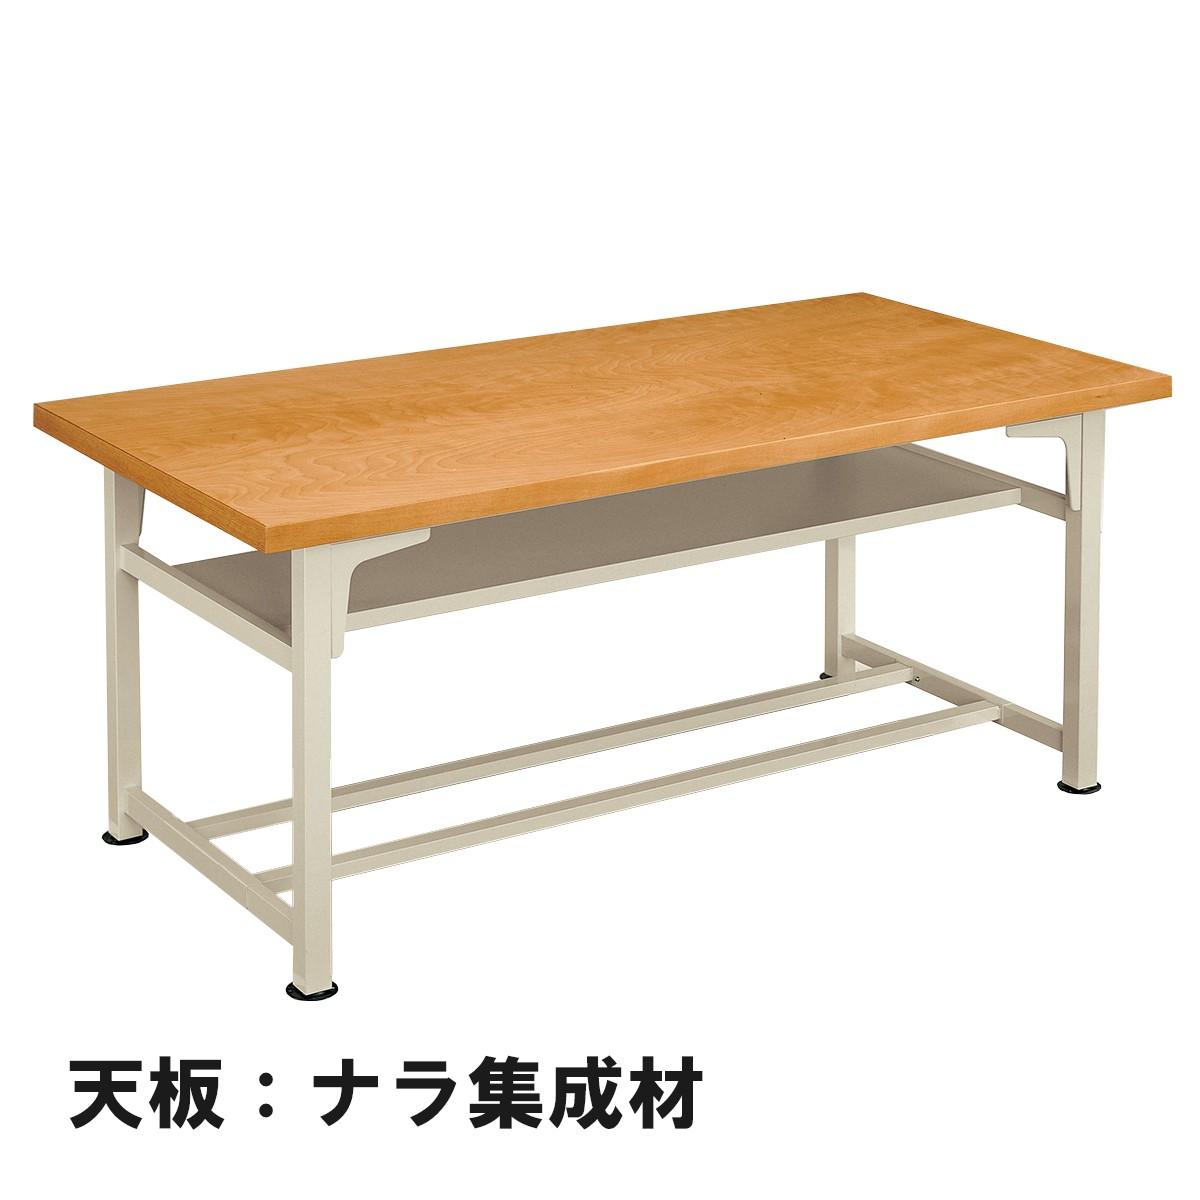 <お取り寄せ品※代引きキャンセル不可> 工作台 MT-180-S・H760 天板:ナラ集成材 【 工作台 机 木製 図工室 美術室 】